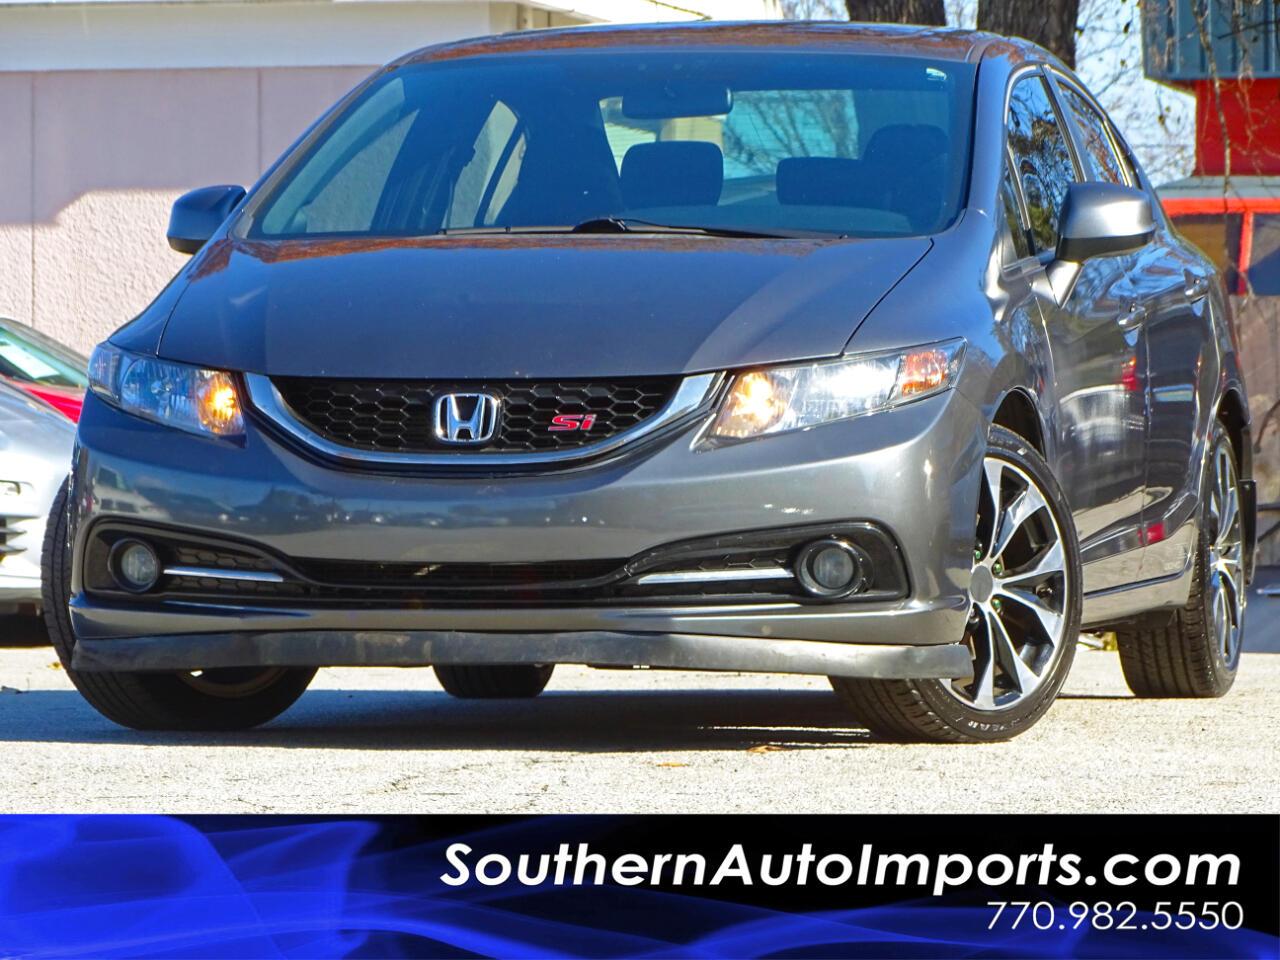 2013 Honda Civic Si Sedan 6-Speed MT